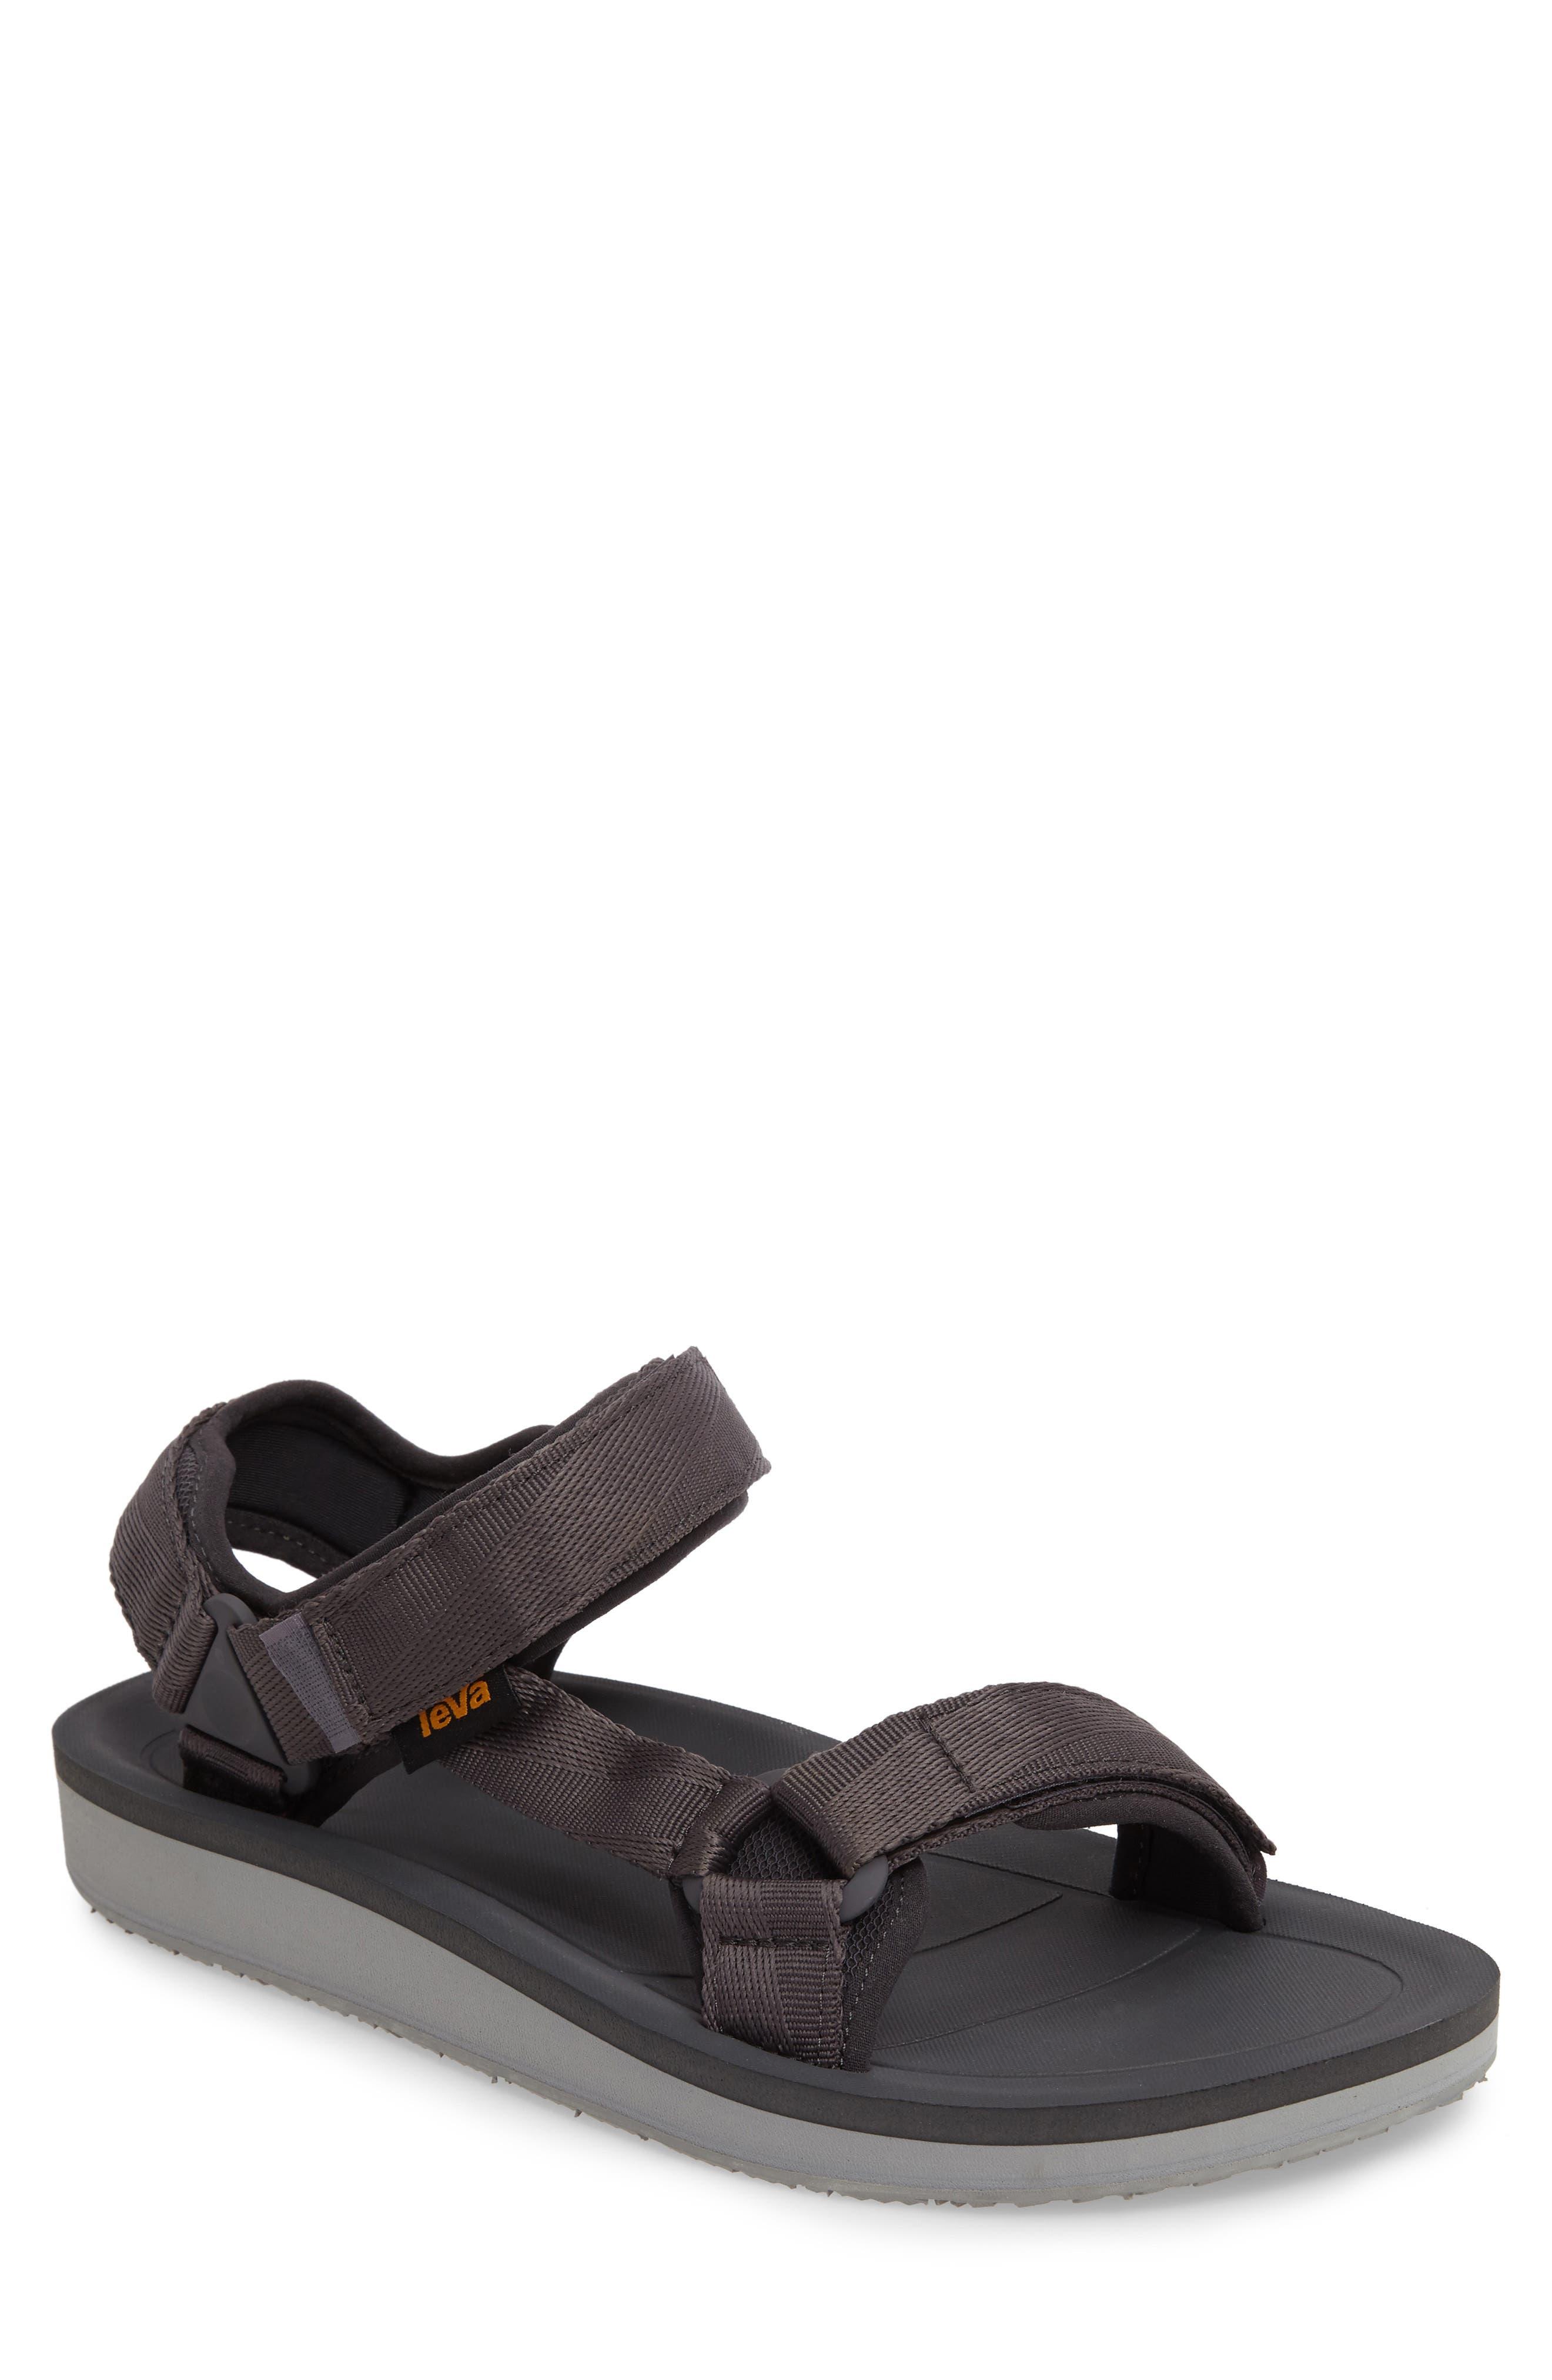 Teva Original Universal Premier Sandal (Men)